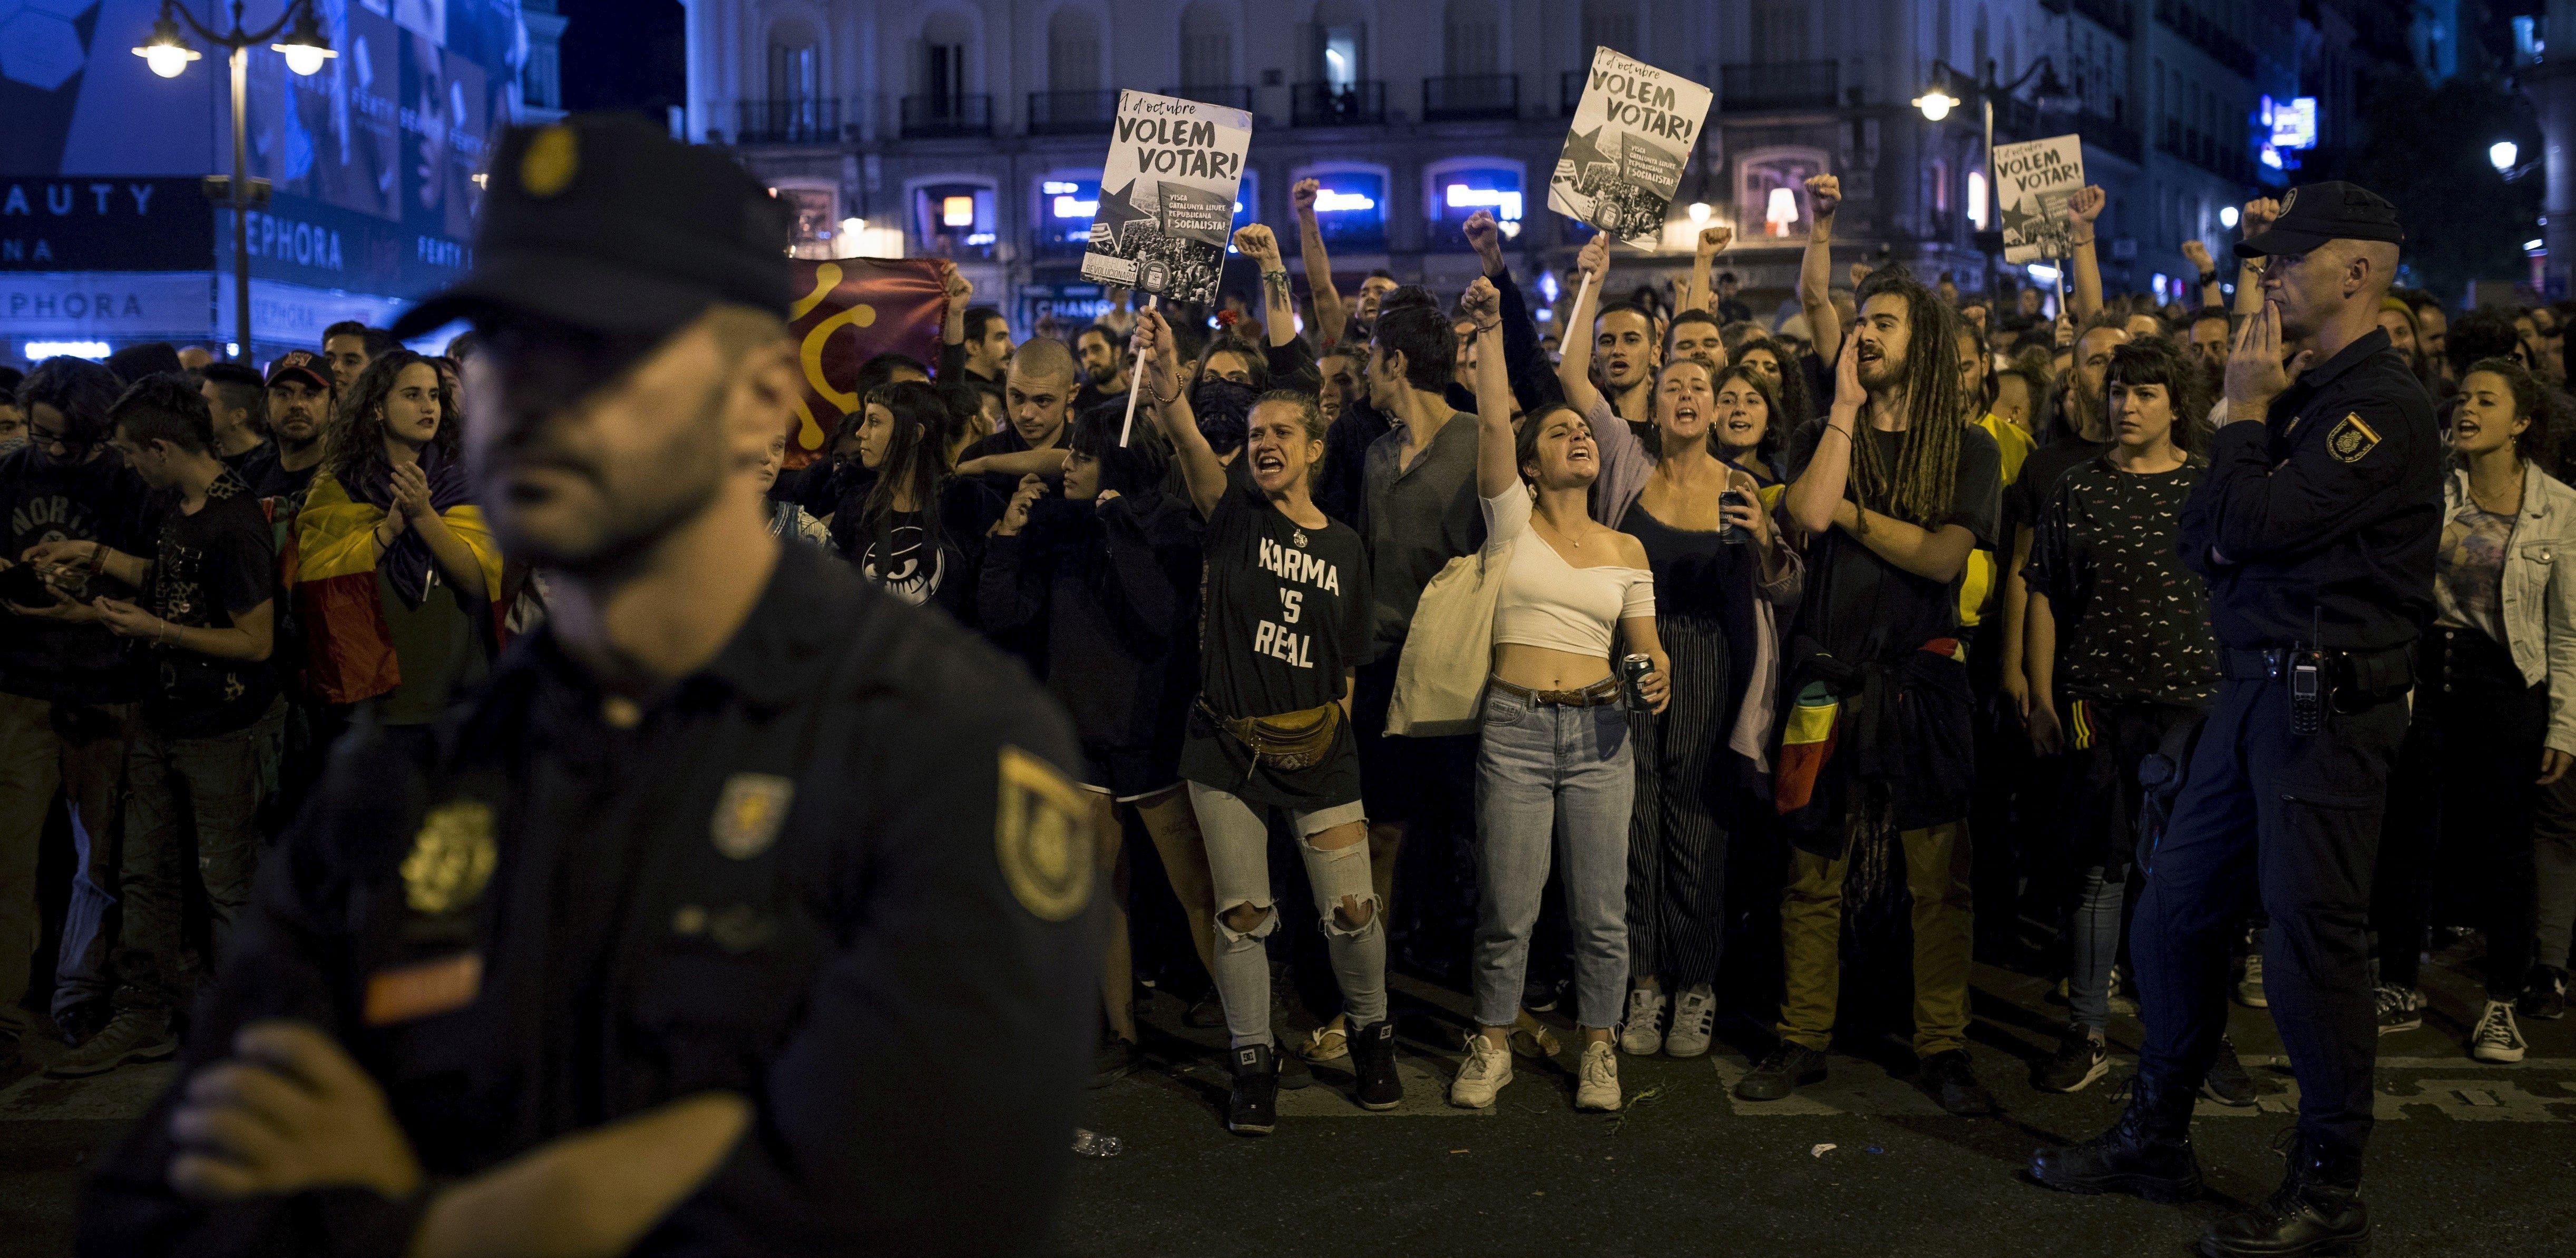 Studenti u Barceloni prosvjeduju zbog policijske represije tijekom referenduma u Kataloniji